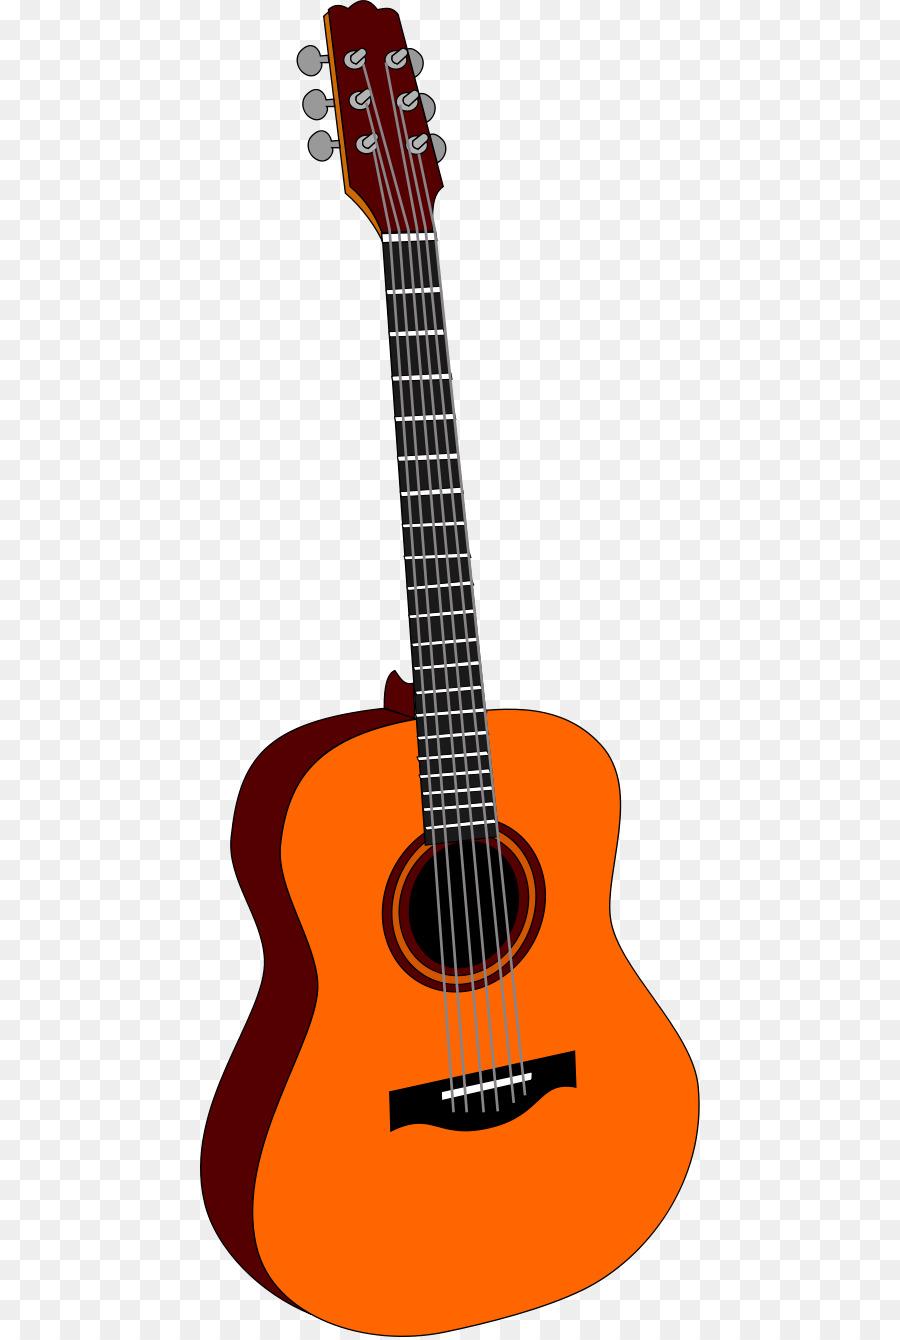 ukulele acoustic guitar classical guitar clip art pictures of a rh kisspng com acoustic guitar clip art free acoustic guitars clipart images